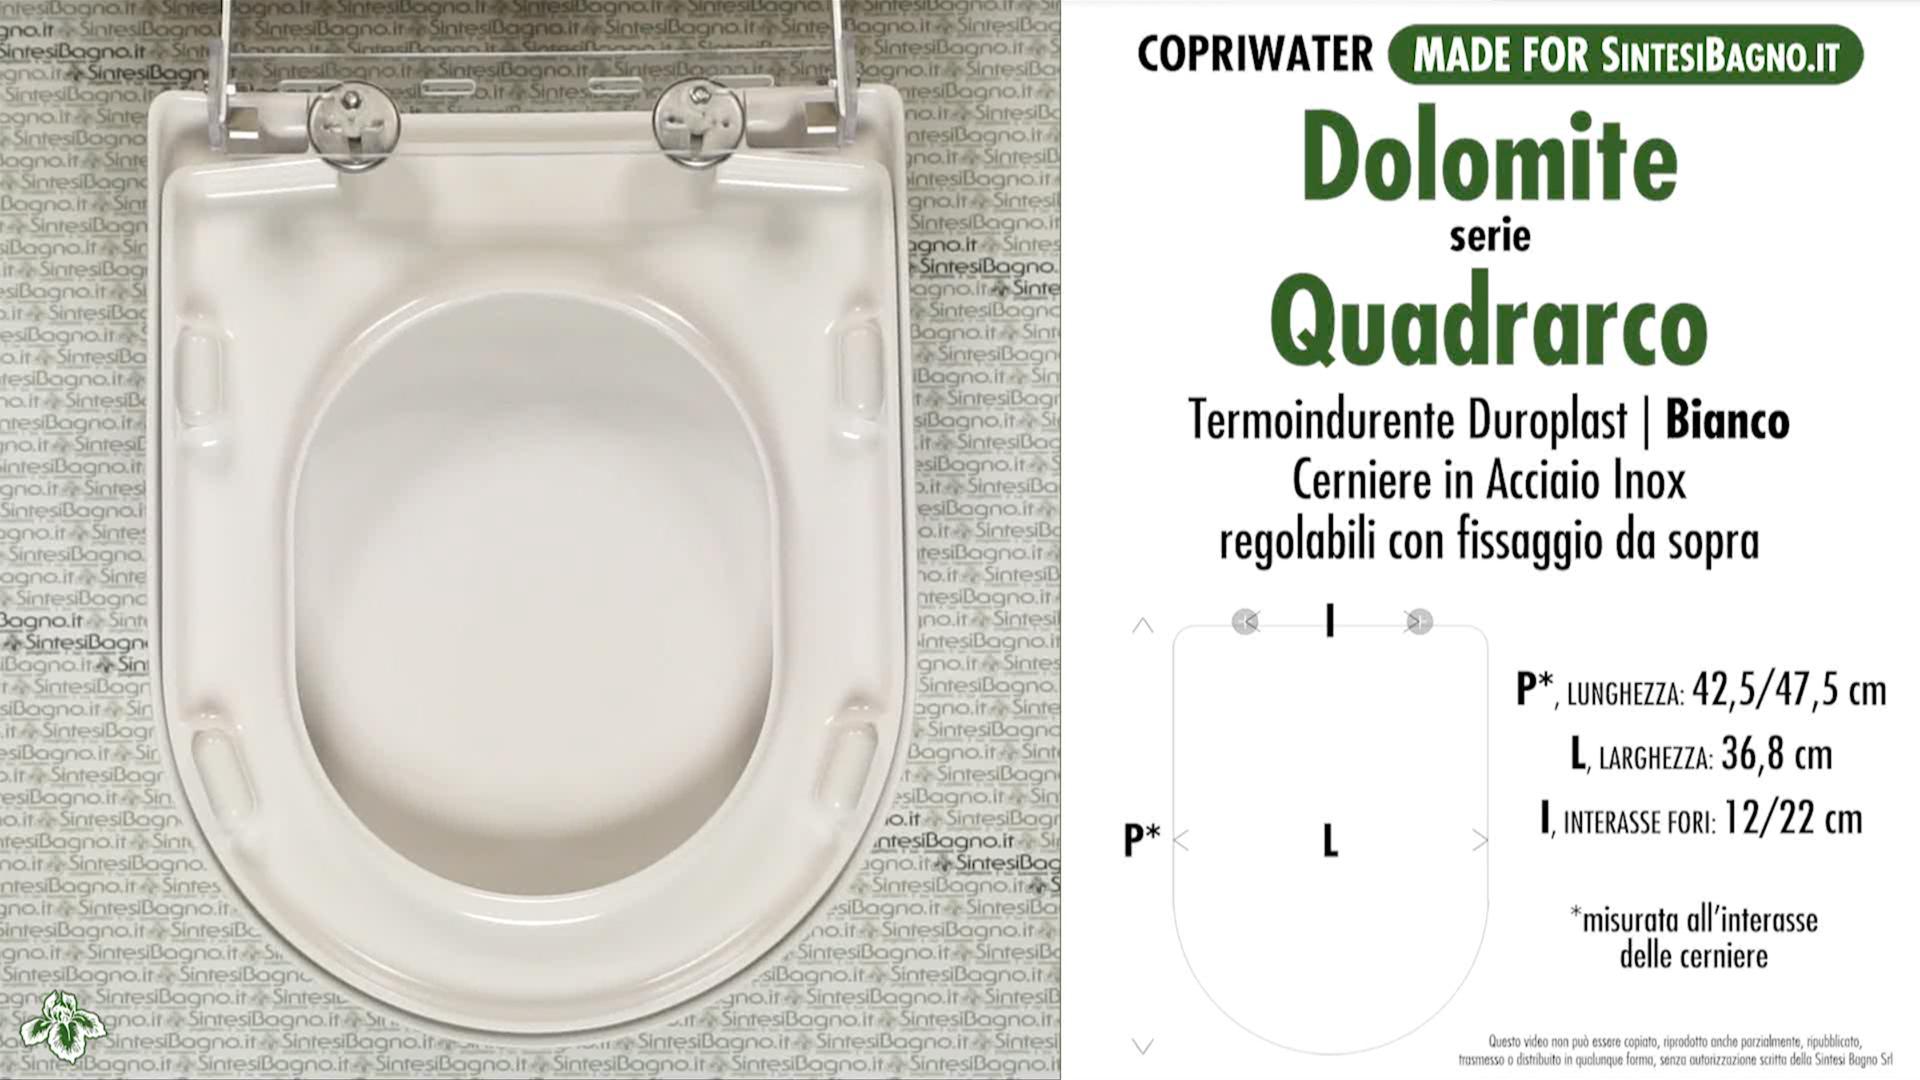 RE copriwater DOLOMITE QUADRARCO